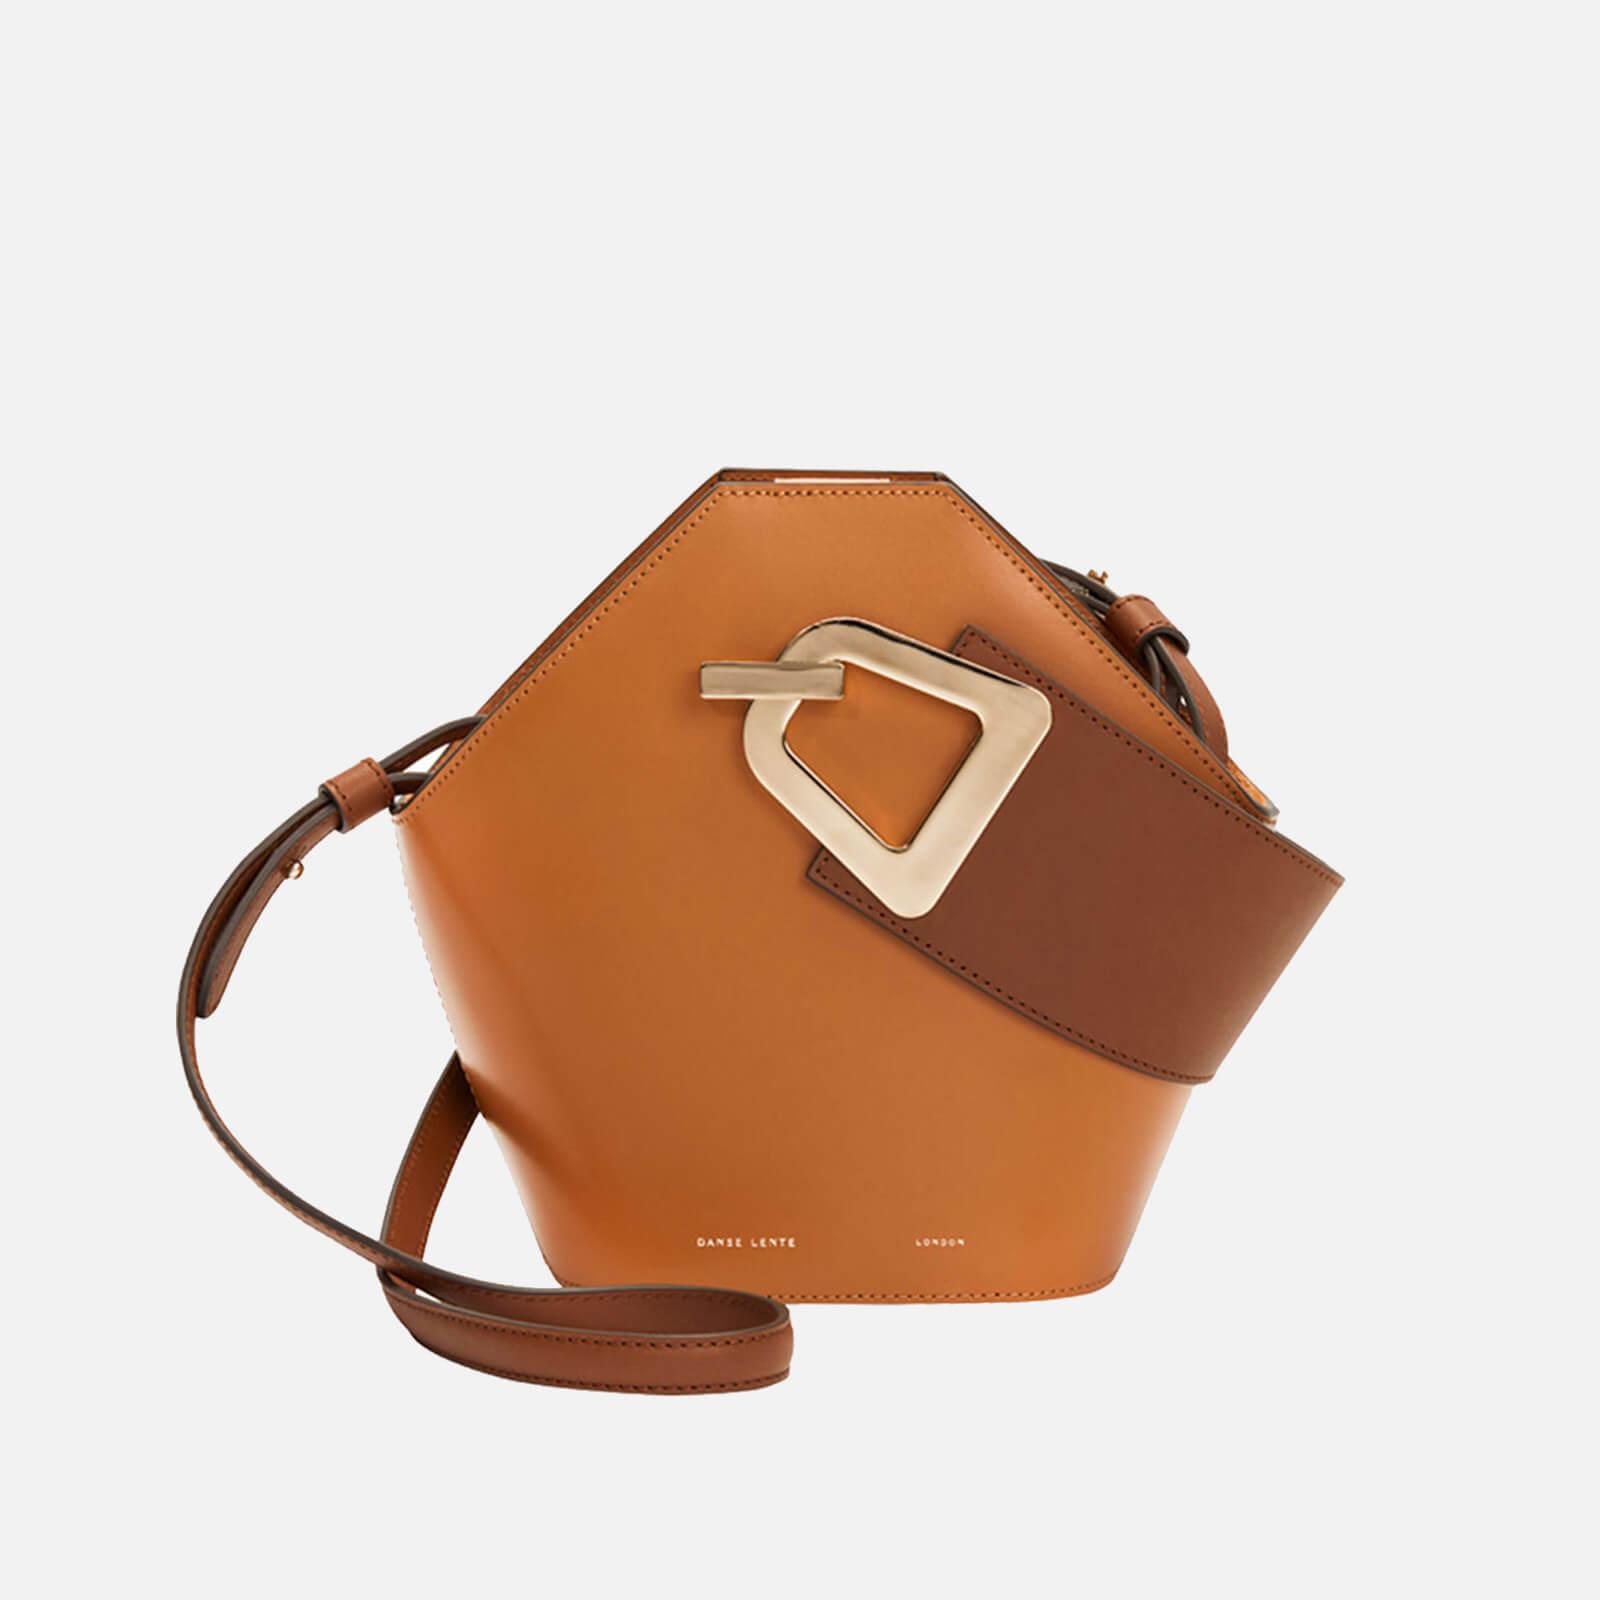 Danse Lente Women's Mini Johnny Bucket Bag - Light Brown